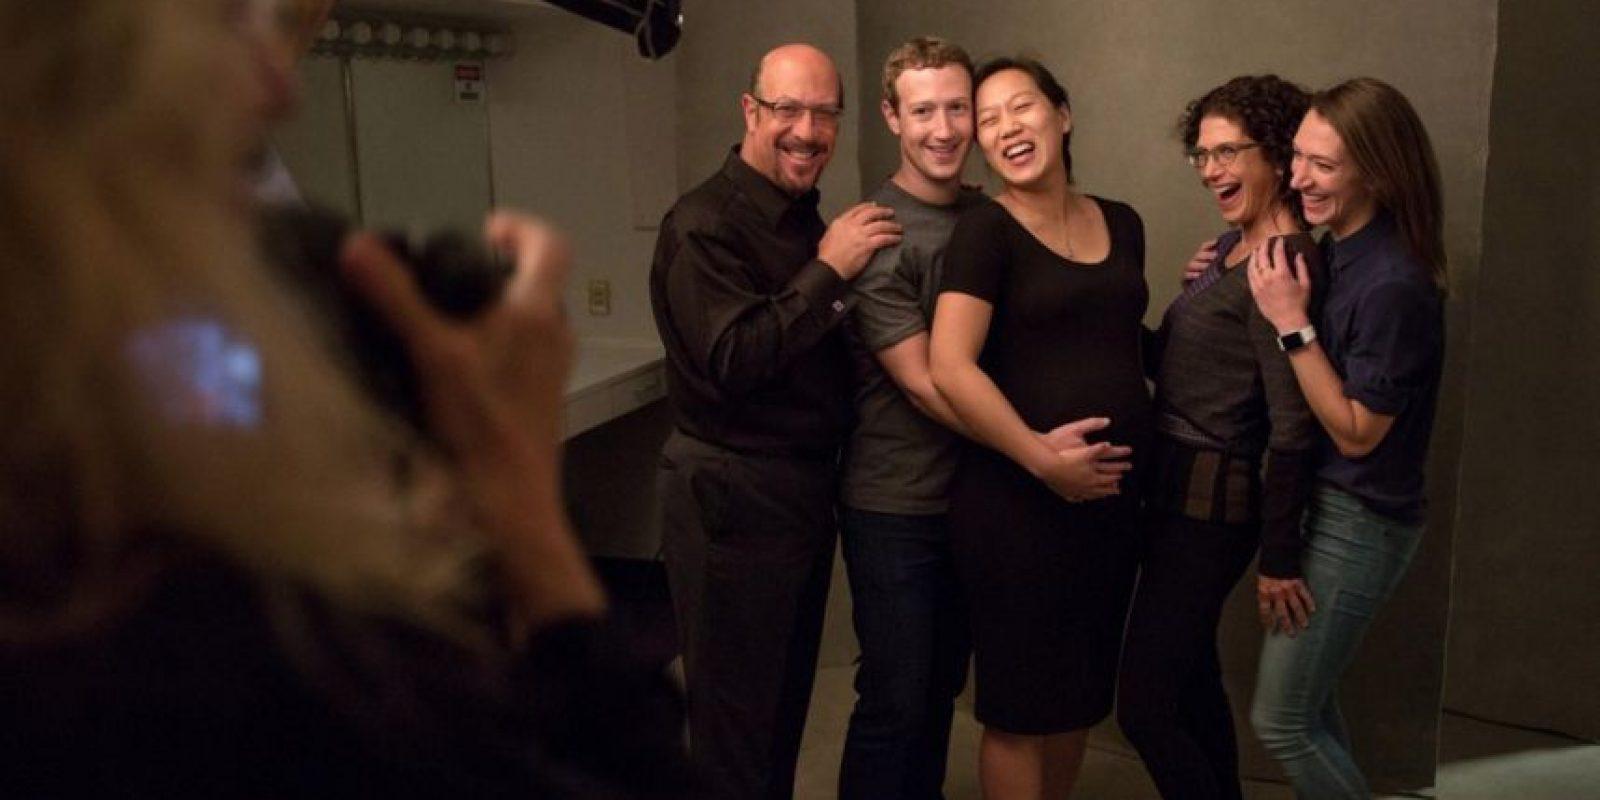 Los amigos de la familia. Foto:facebook.com/zuck